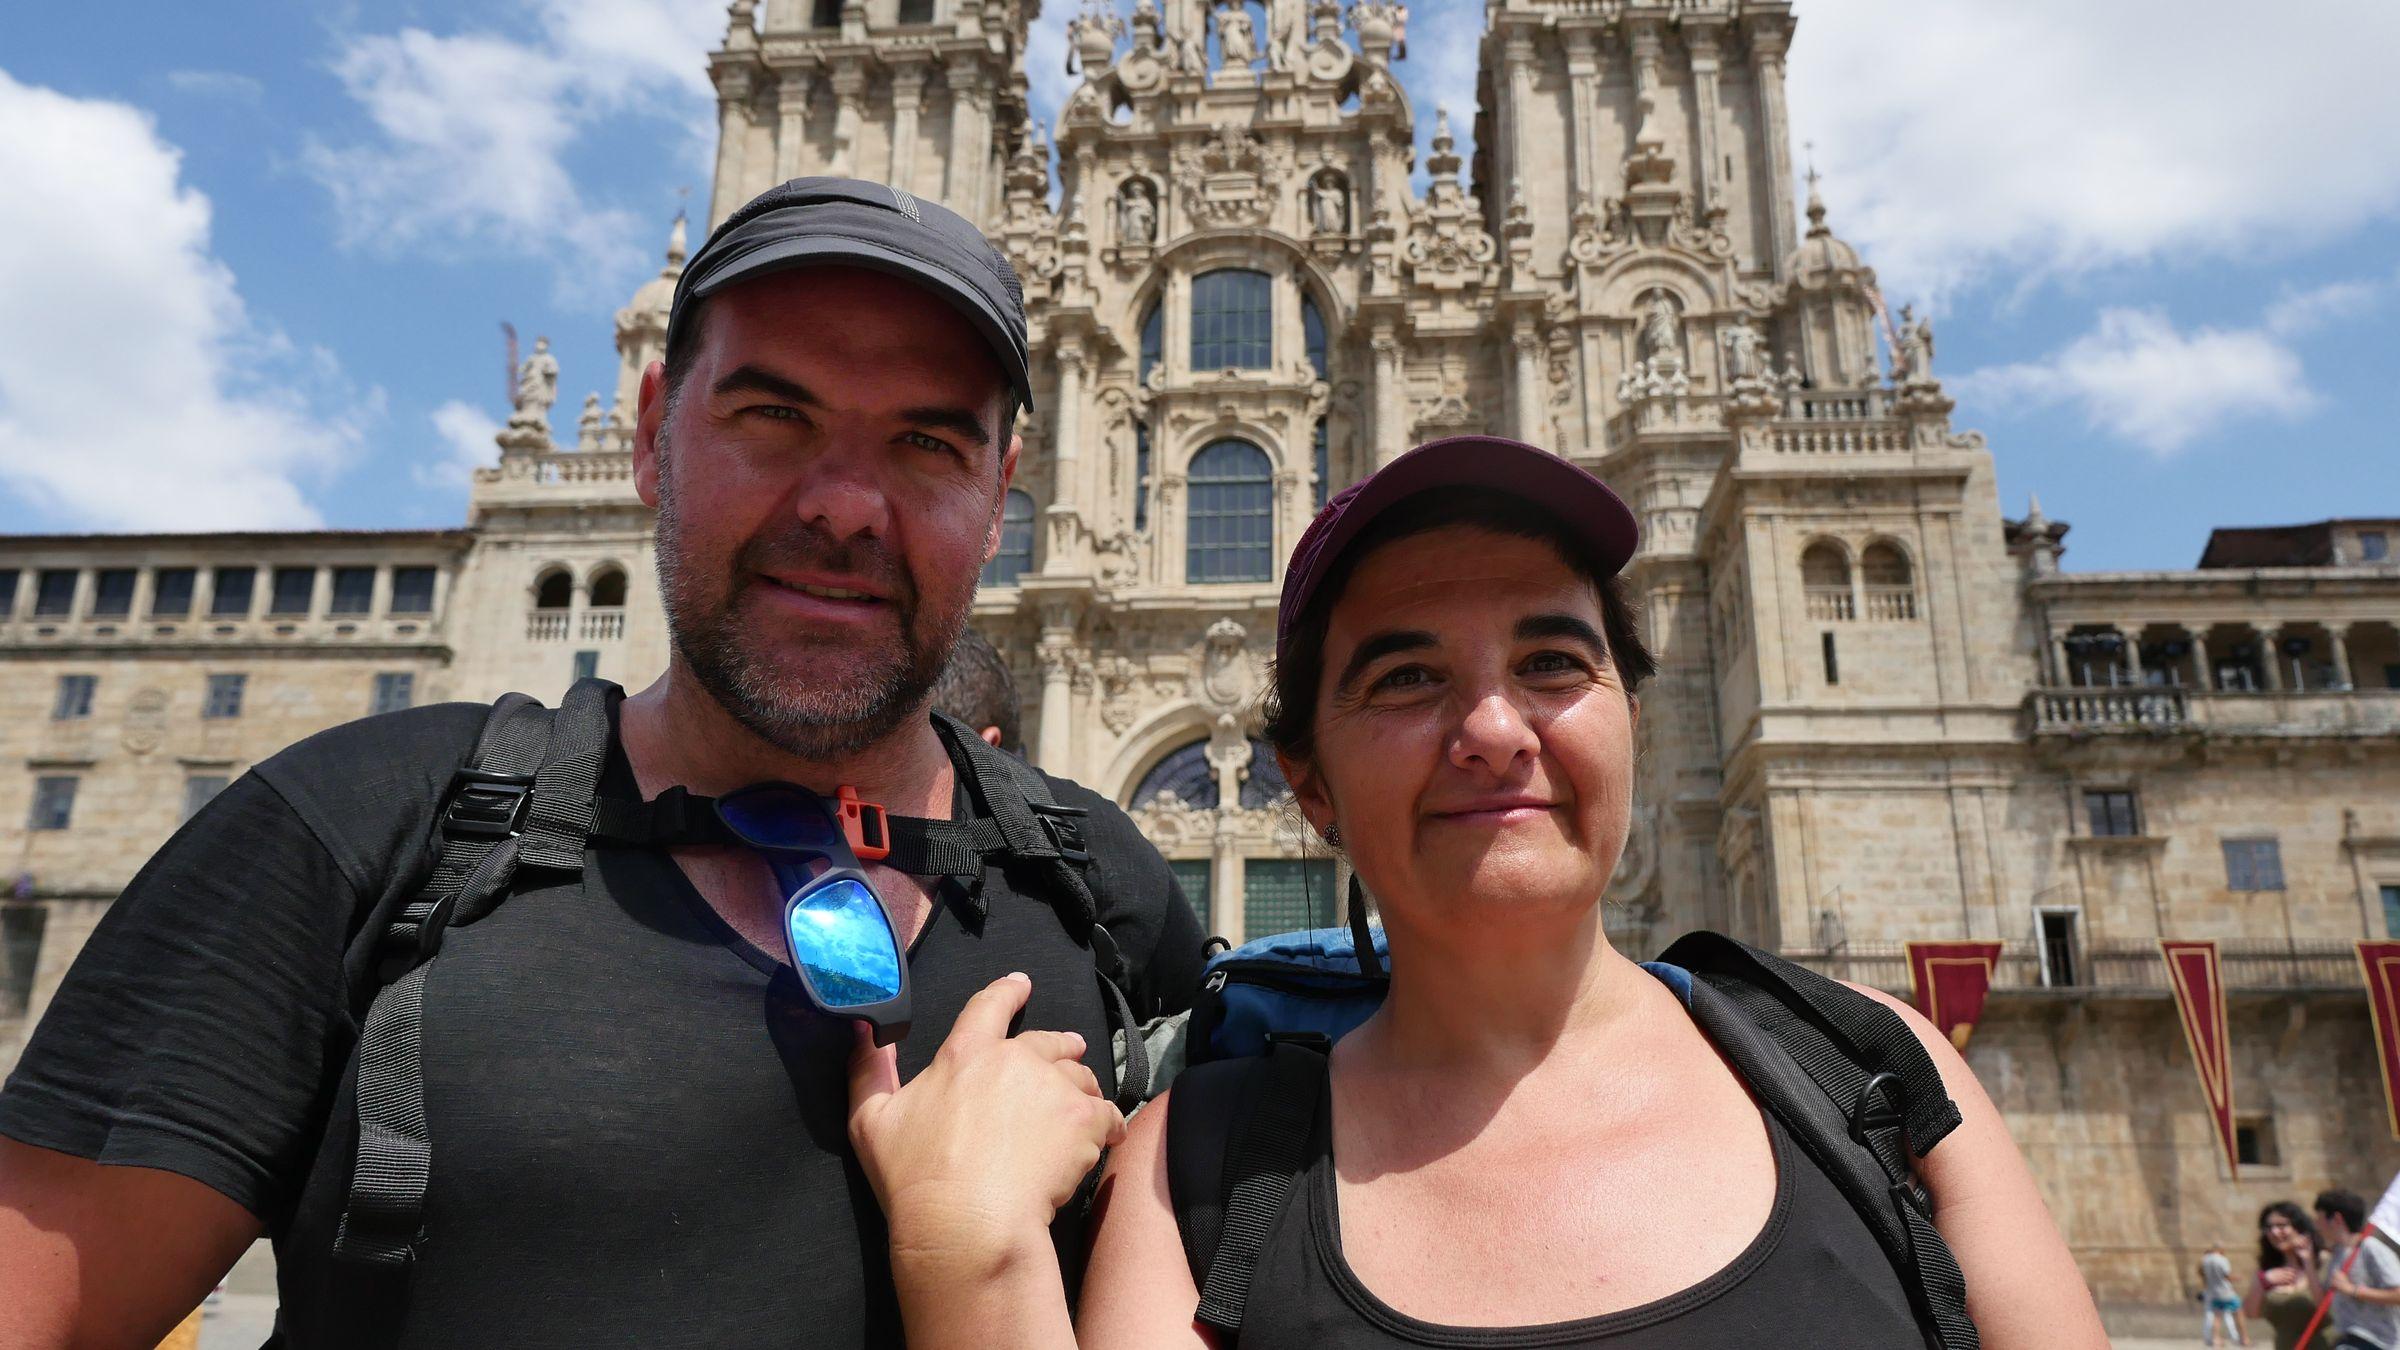 Aunque son valencianos, esta pareja no se ha querido perder la experiencia de la ruta Jacobea